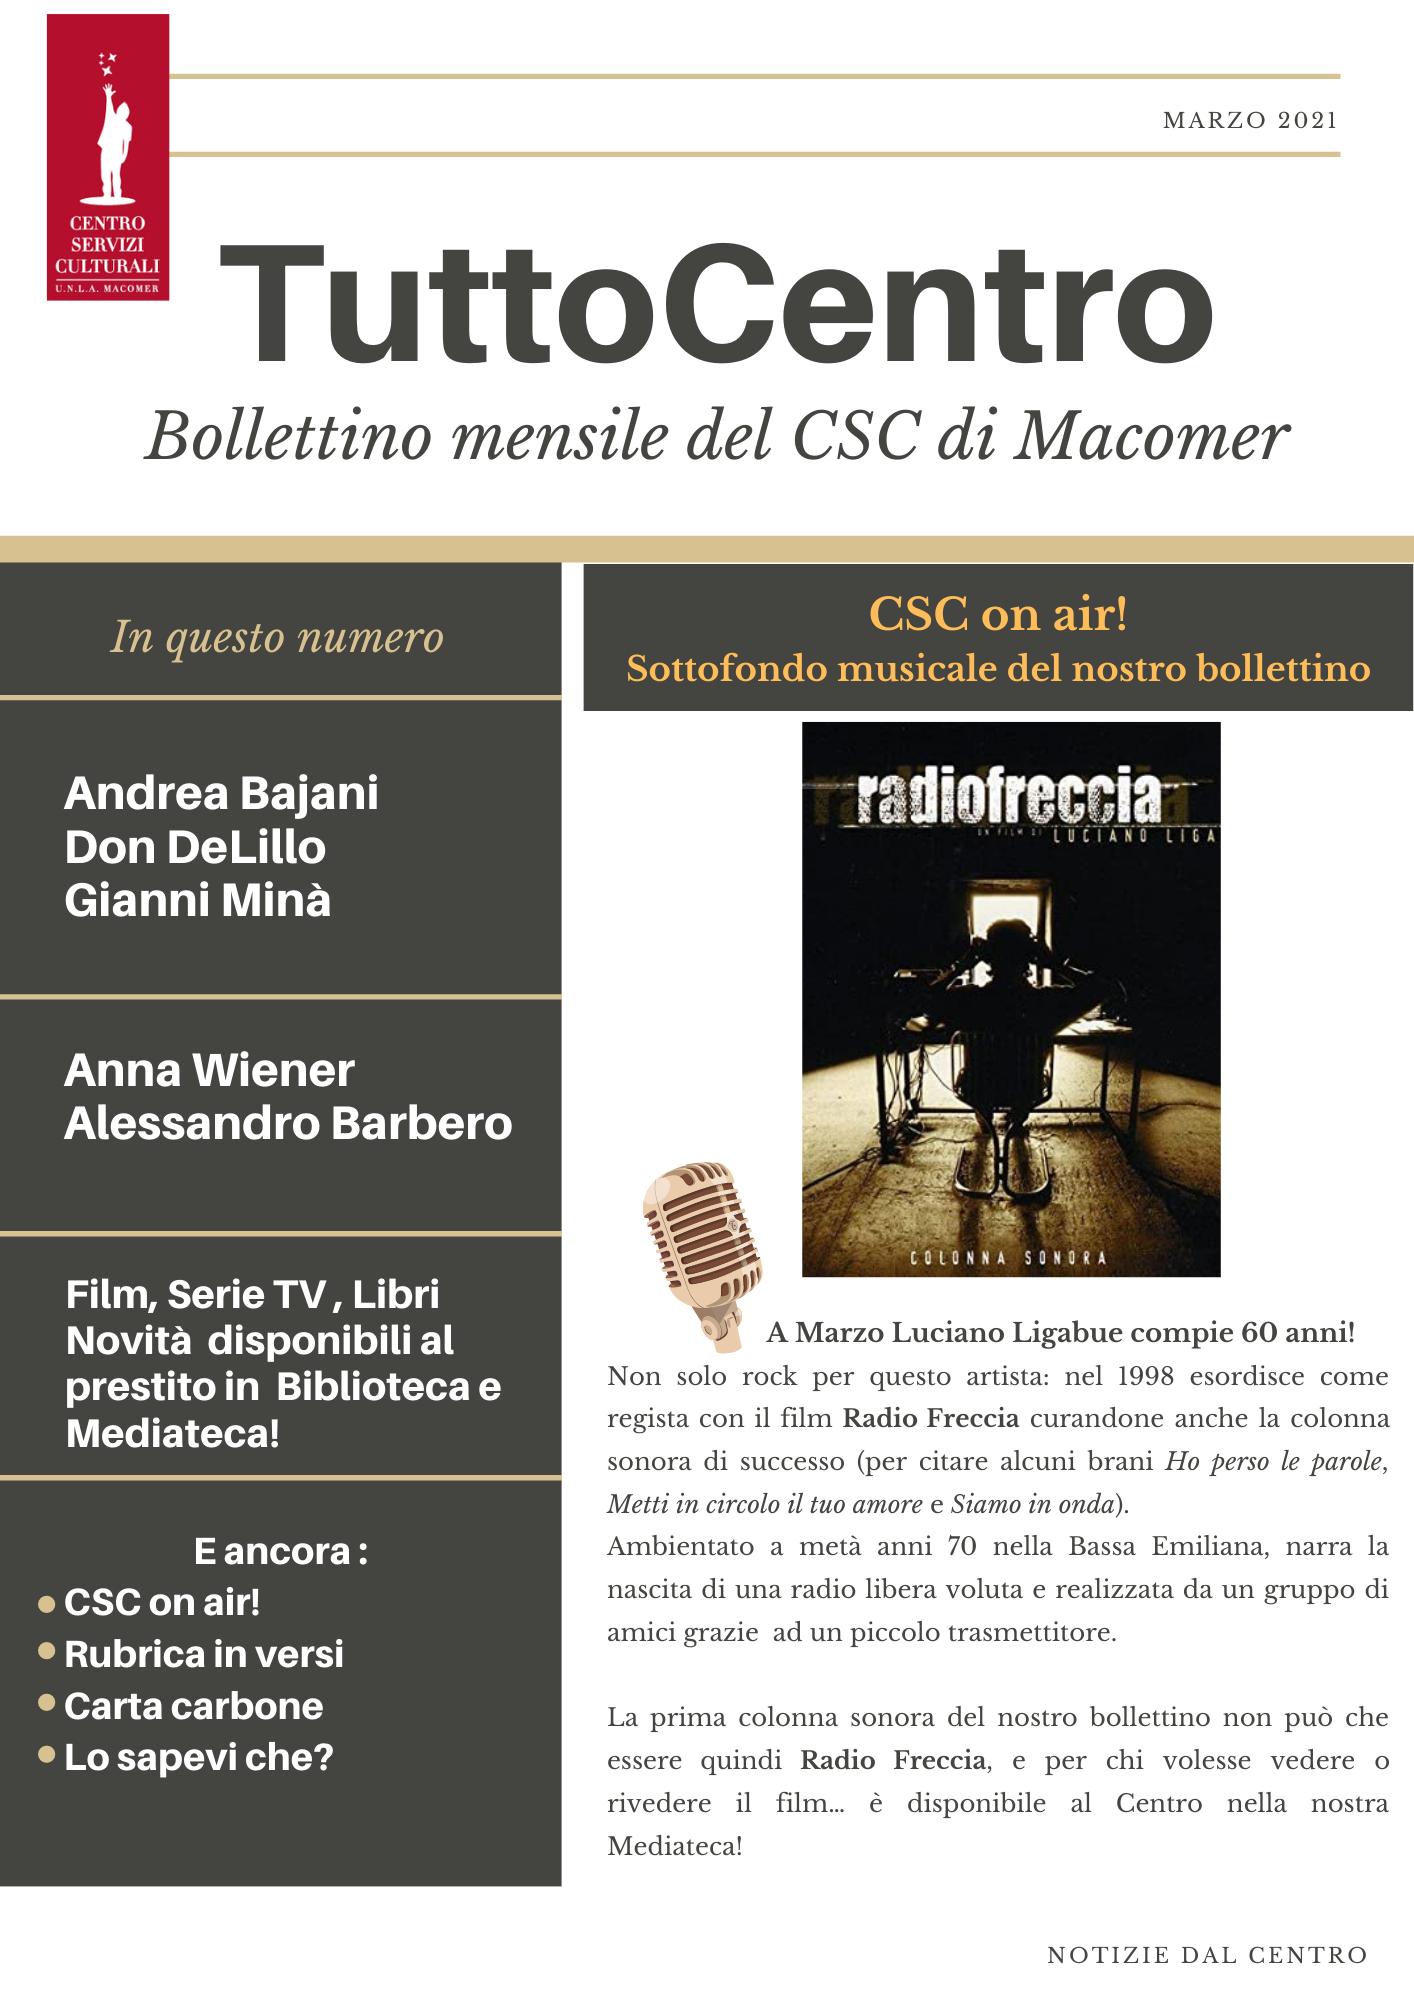 TuttoCentro – Marzo. Bollettino mensile del Centro Servizi Culturali di Macomer.